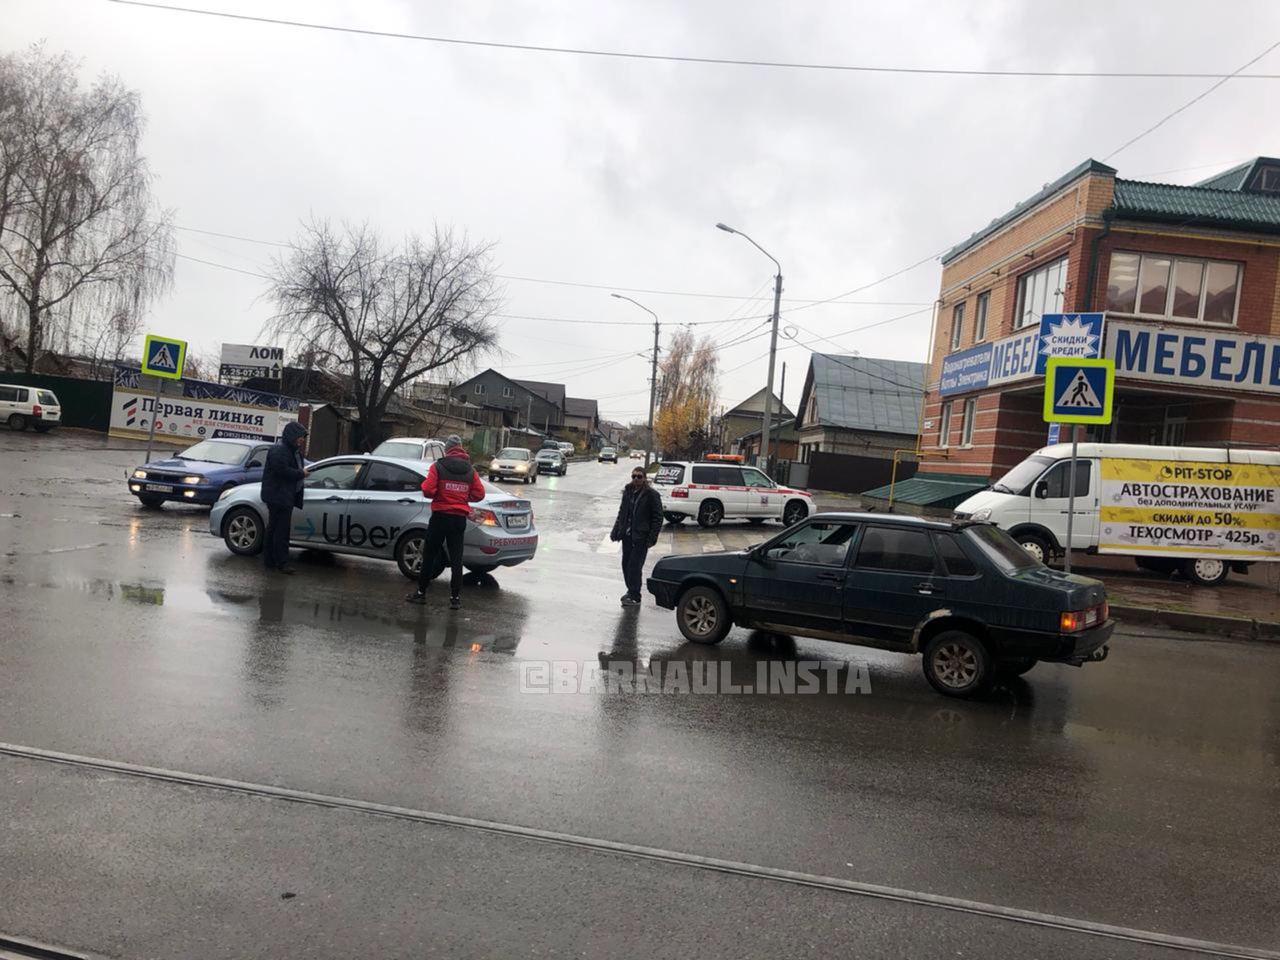 В ГИБДД увидели следов опьянения неадекватного участника в Барнауле